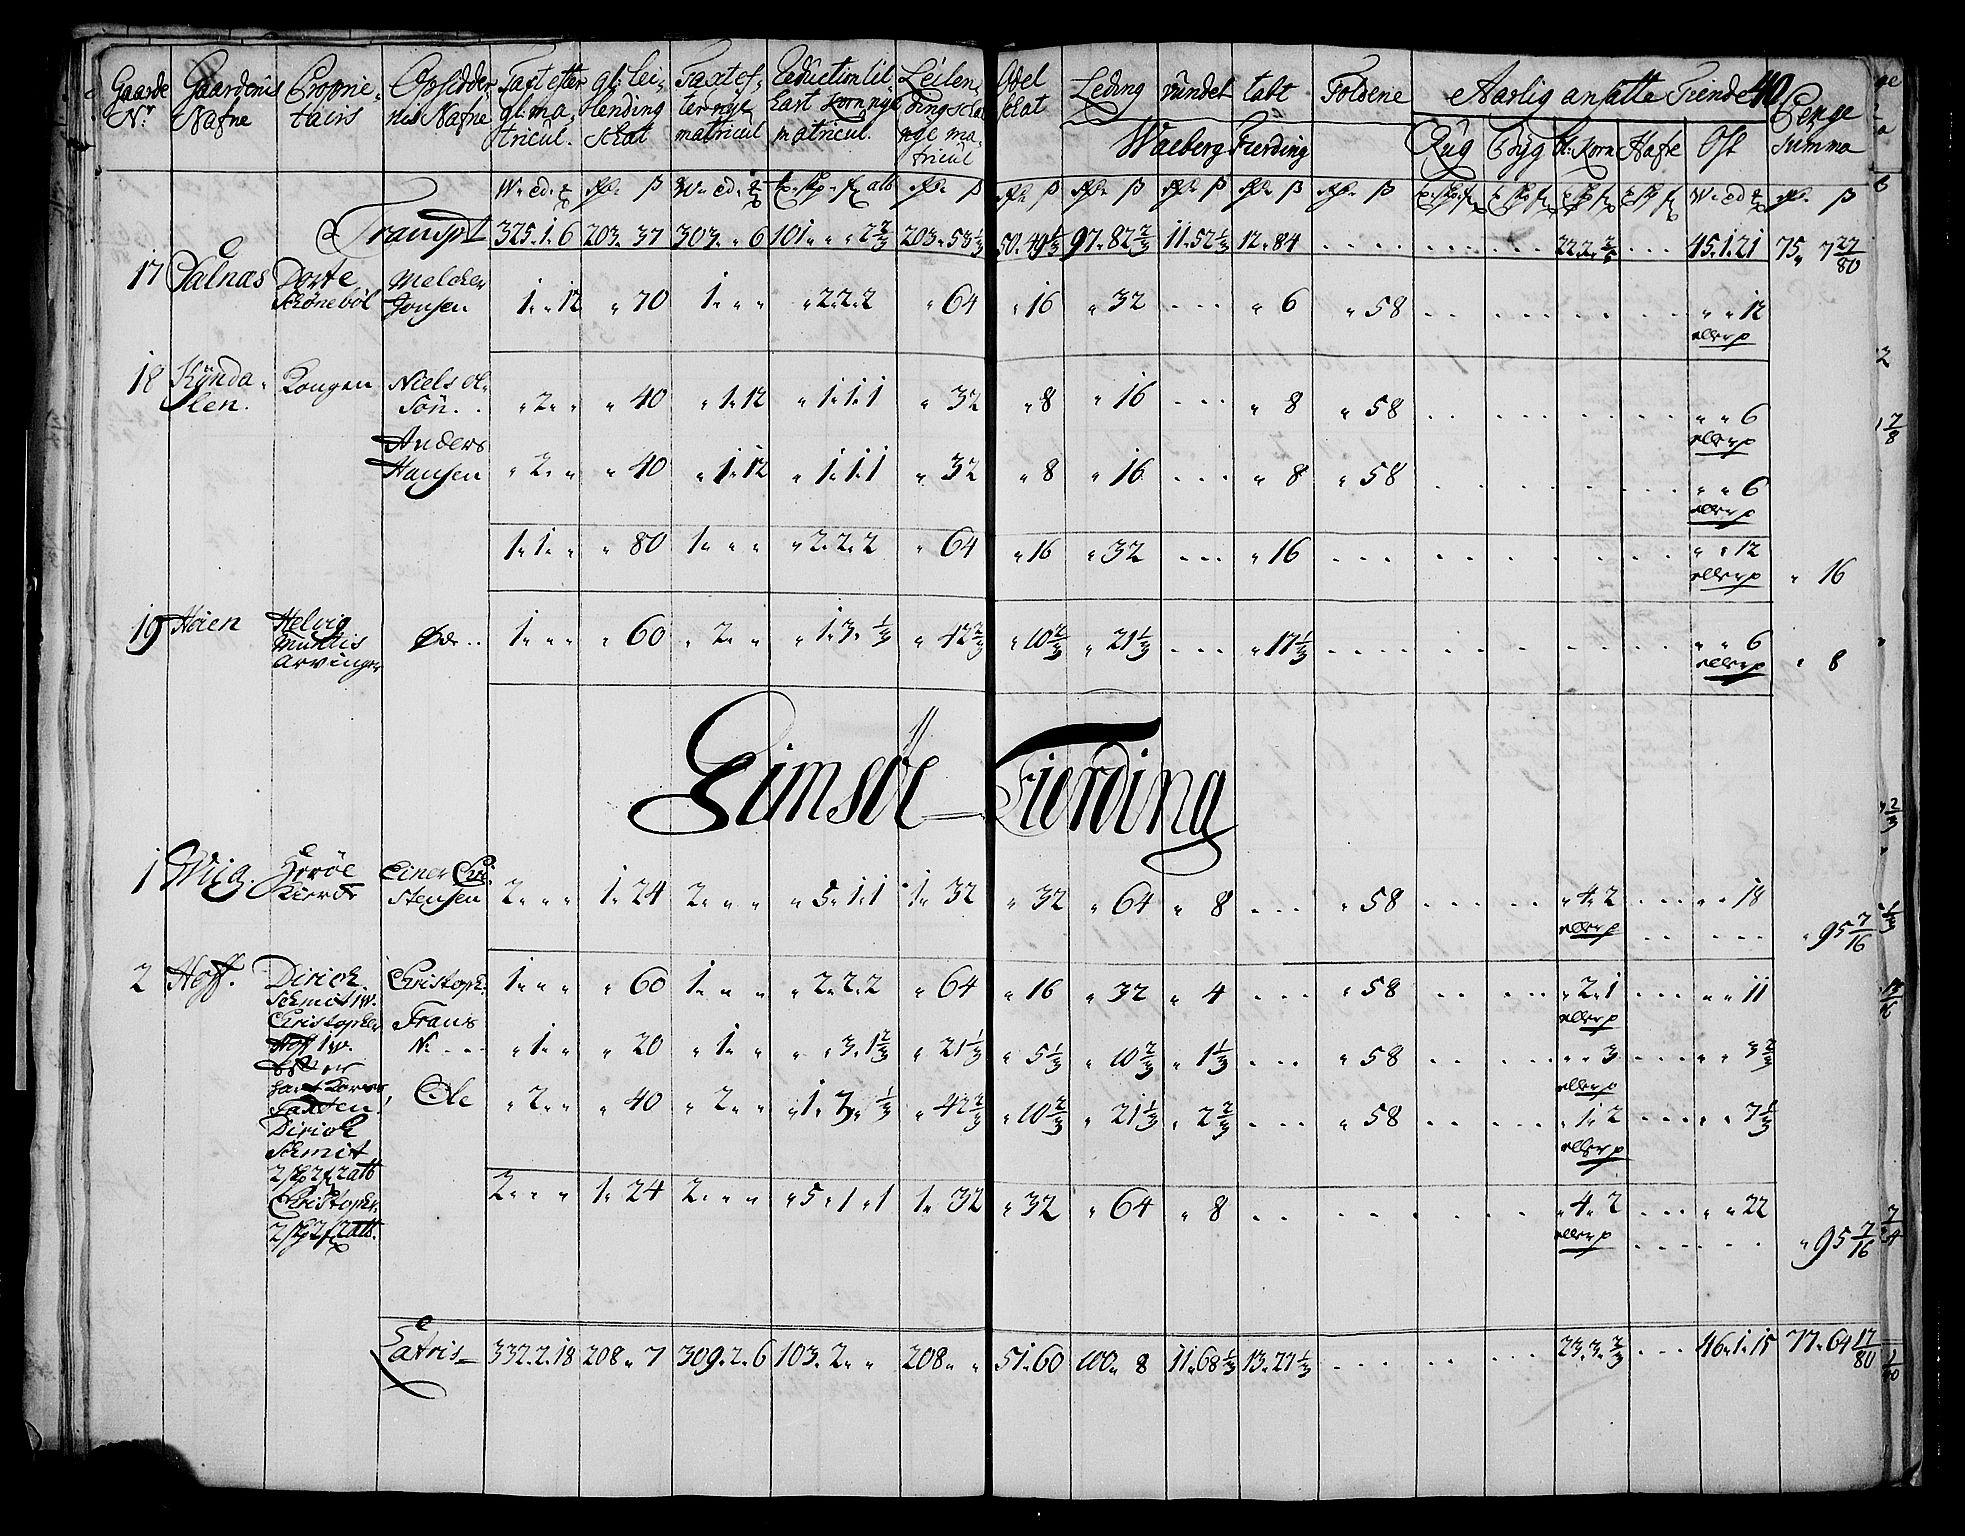 RA, Rentekammeret inntil 1814, Realistisk ordnet avdeling, N/Nb/Nbf/L0175: Lofoten matrikkelprotokoll, 1723, s. 39b-40a